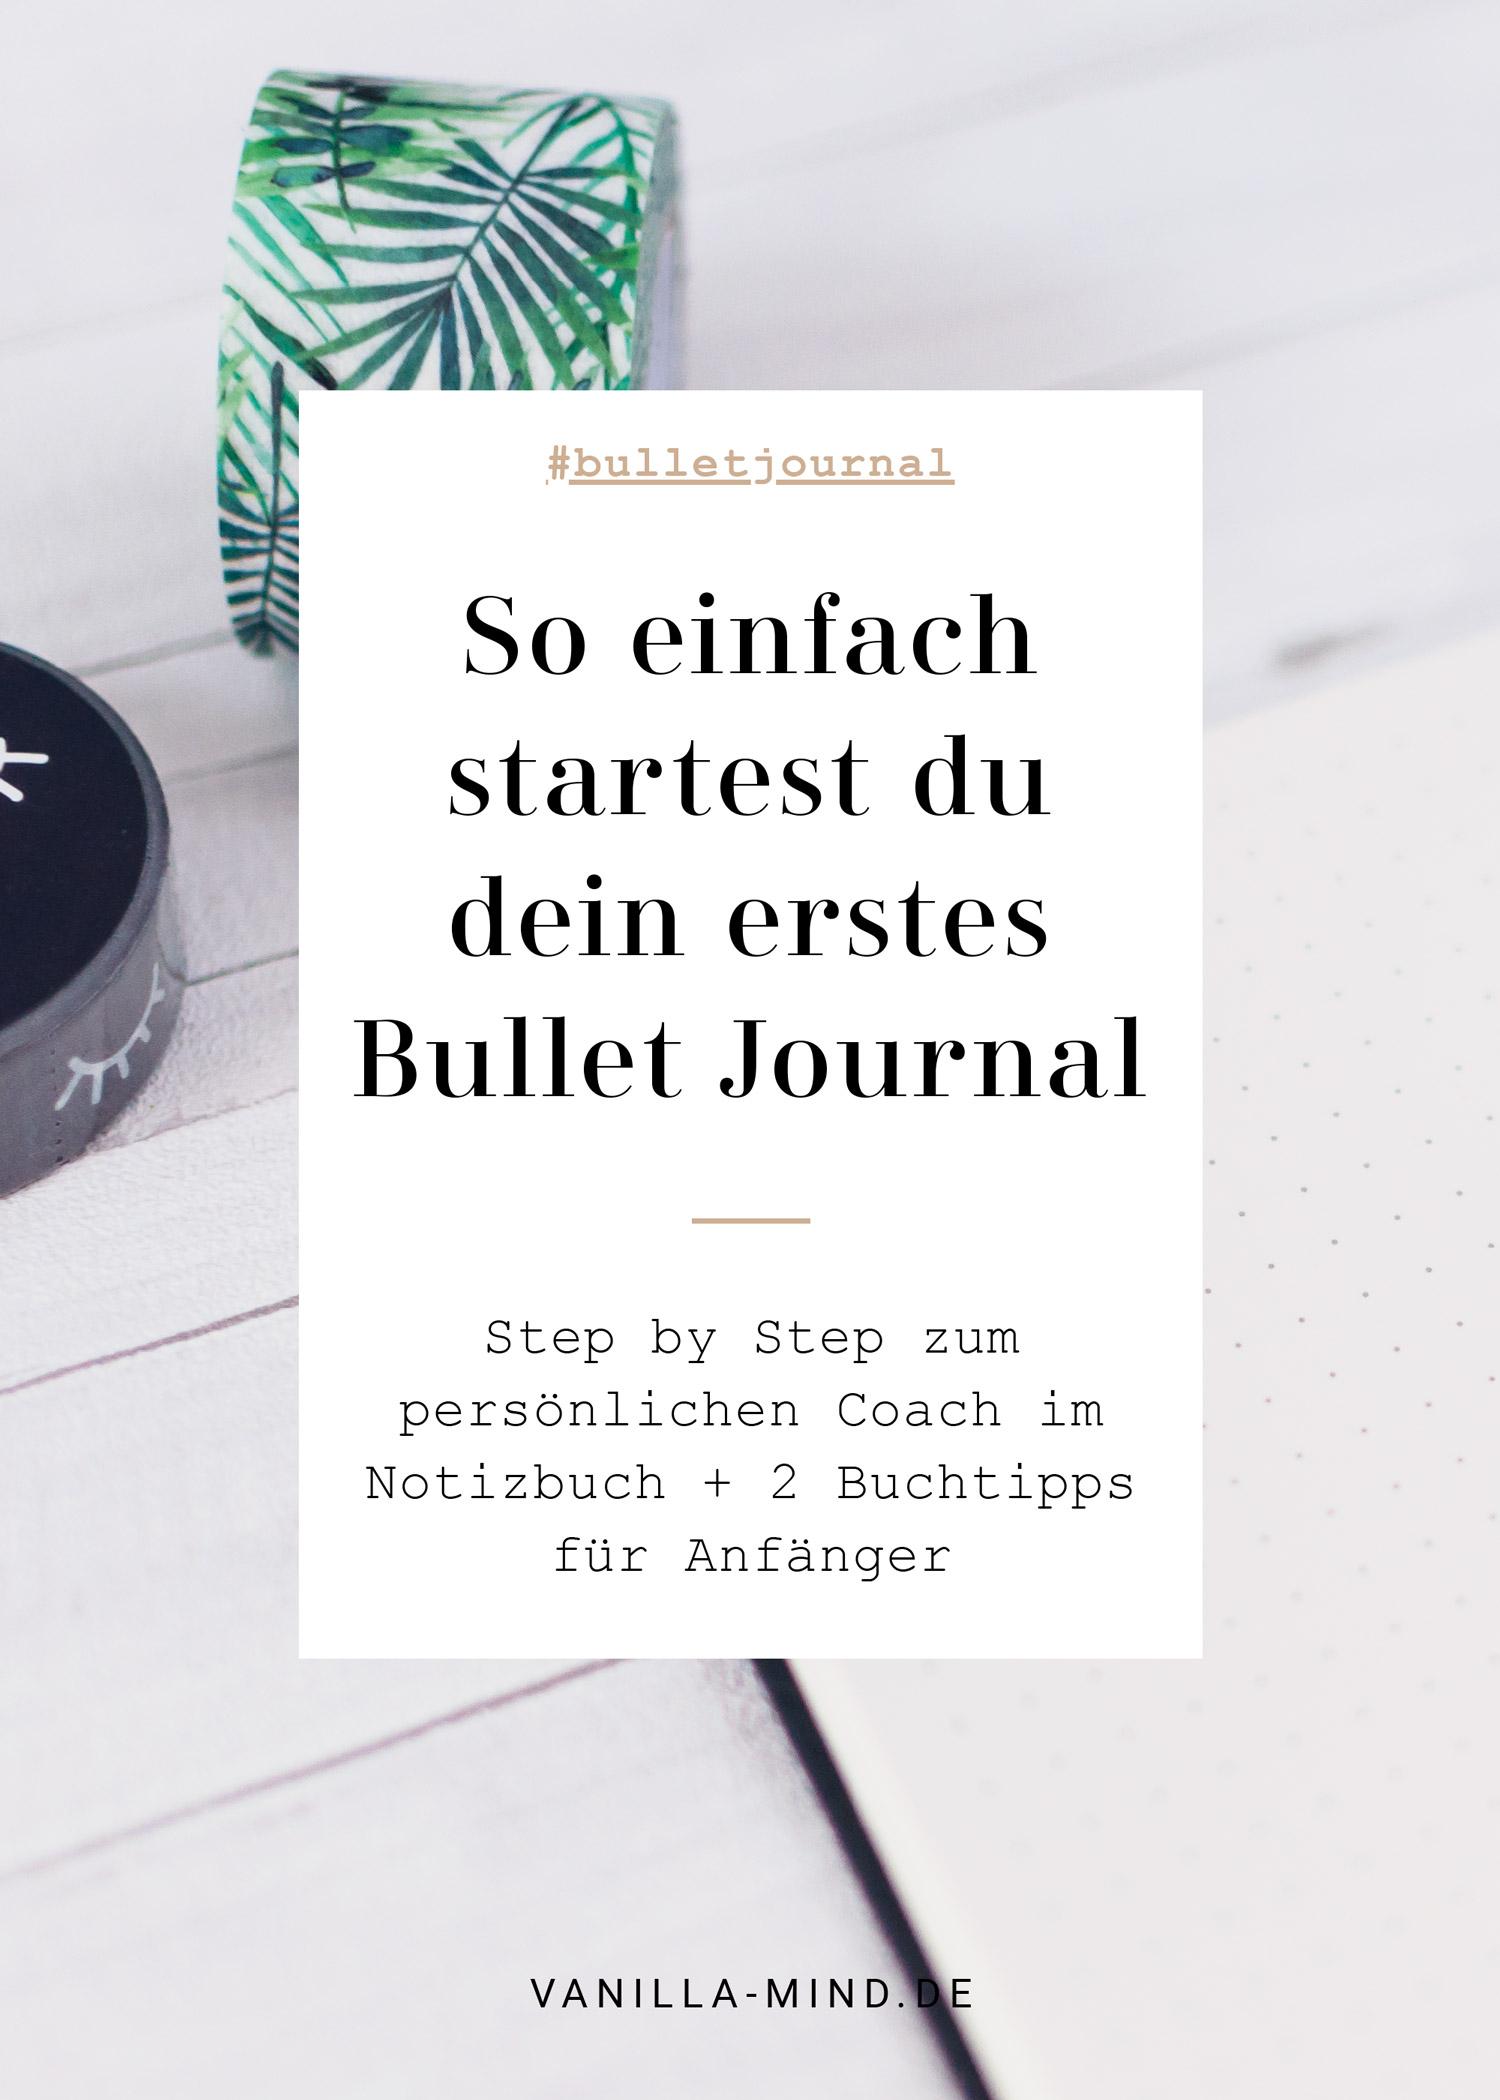 Bullet Journaling ist tatsächlich viel einfacher, als ich dachte. Ich ließ mich lange davon abschrecken, weil ich dachte, ich müsste ein komplett neues System erlernen. Auch sah ich die schönsten Layouts auf Instagram und Pinterest herumgeistern und fühlte mich komplett überfordert. #bujo #bulletjournal #planwithme #gestaltedeinjournal #teaandjournal #anleitung #buchtipp #anfänger